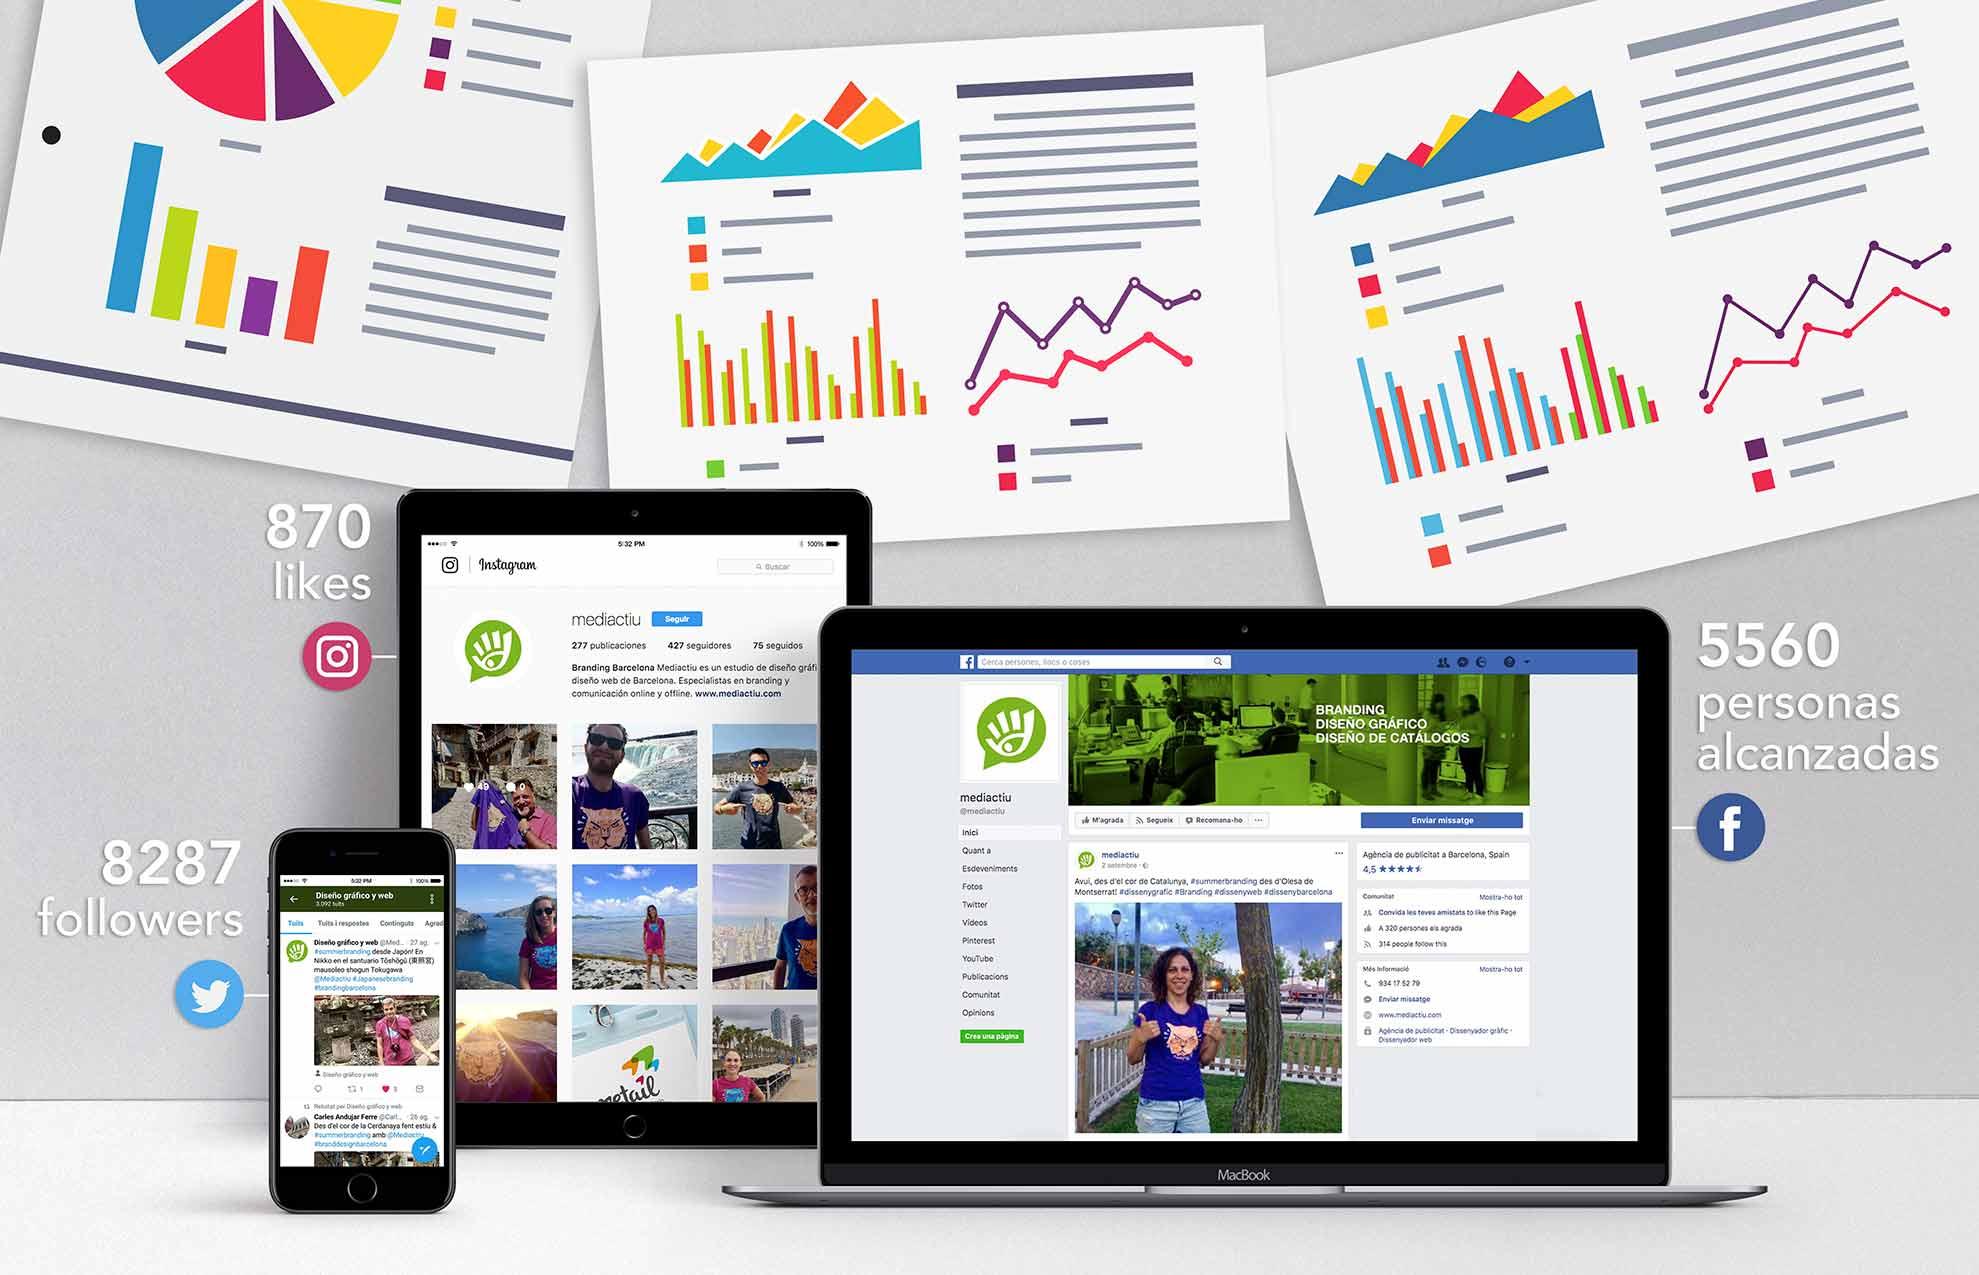 diseno campana social media - Mediactiu, agencia de publicidad especializada en estrategias de branding